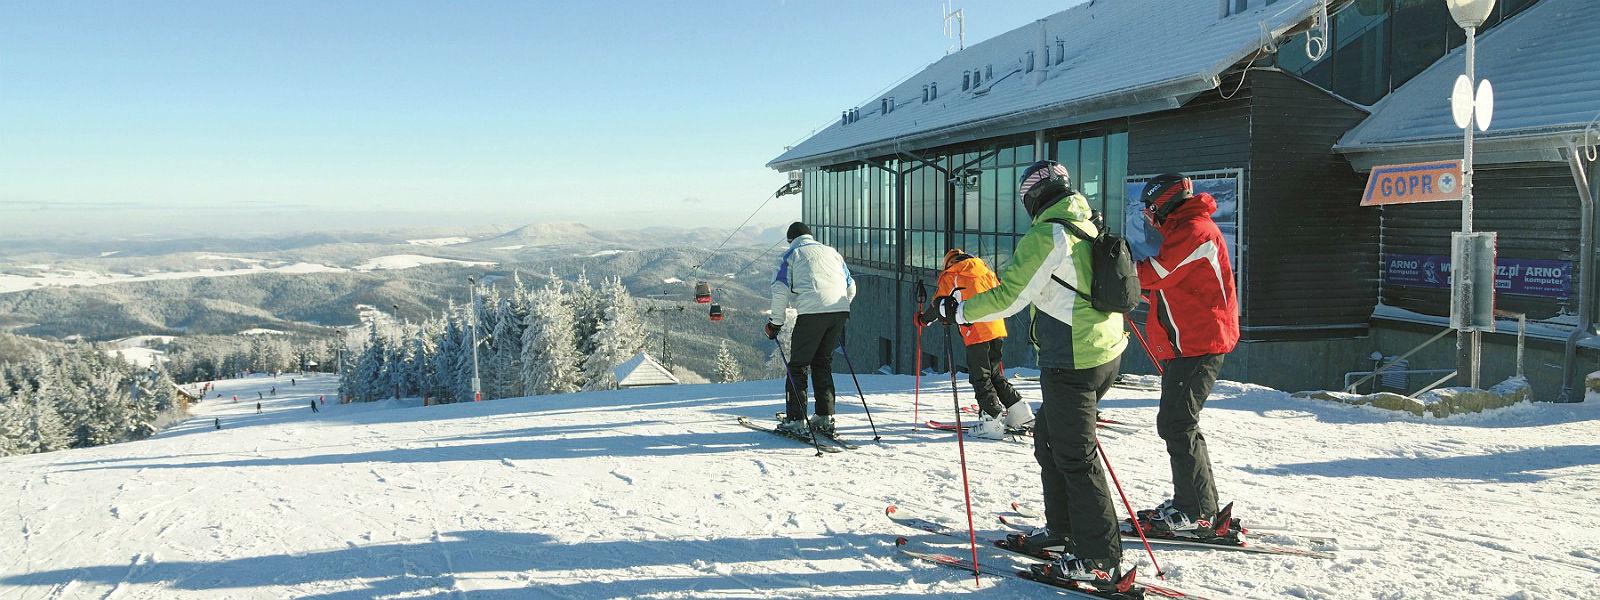 Stacje narciarskie